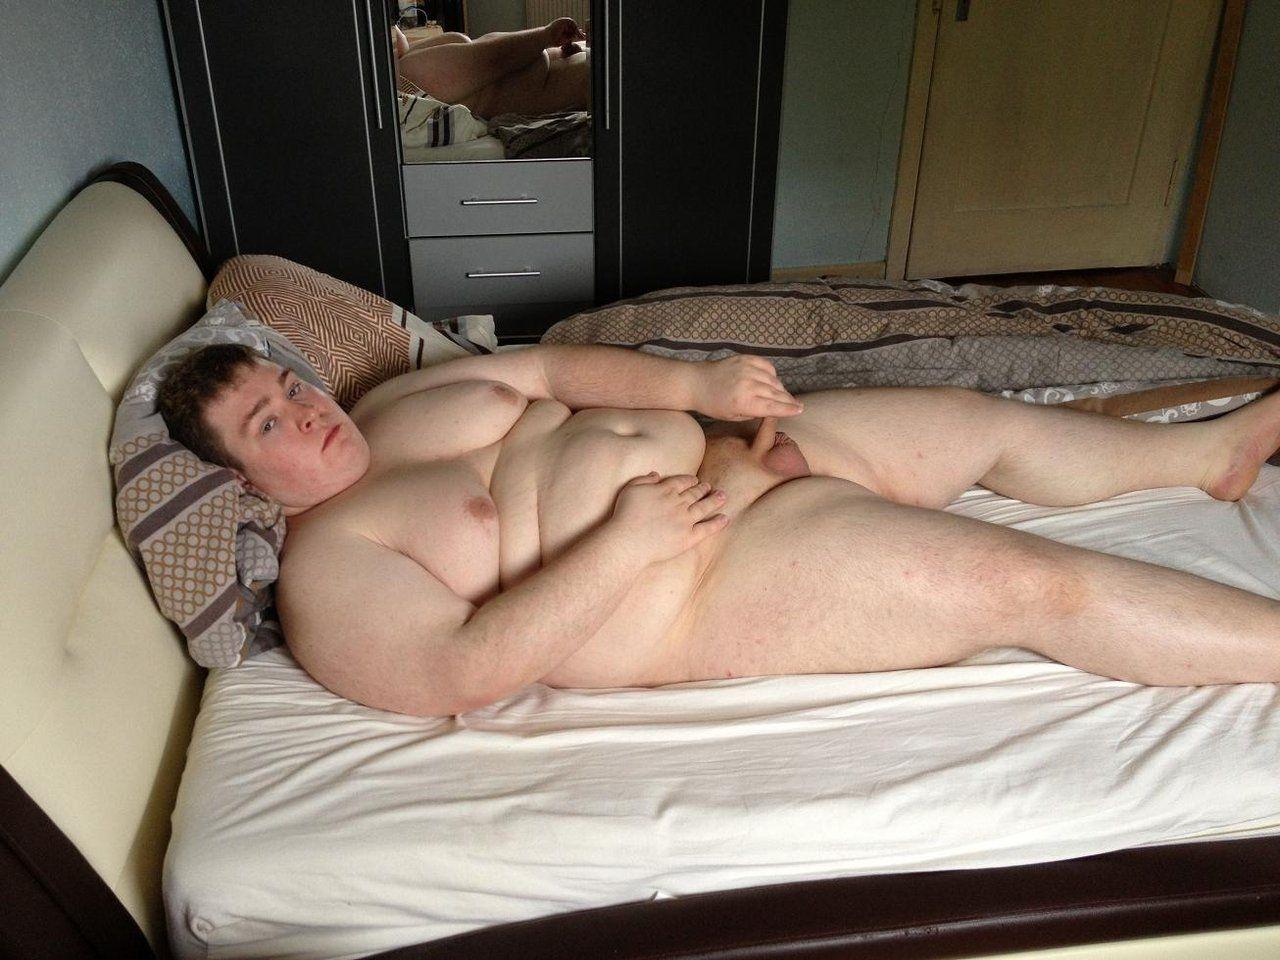 Amateur Chubby Male Porn chubby men porn movie - nude photos.